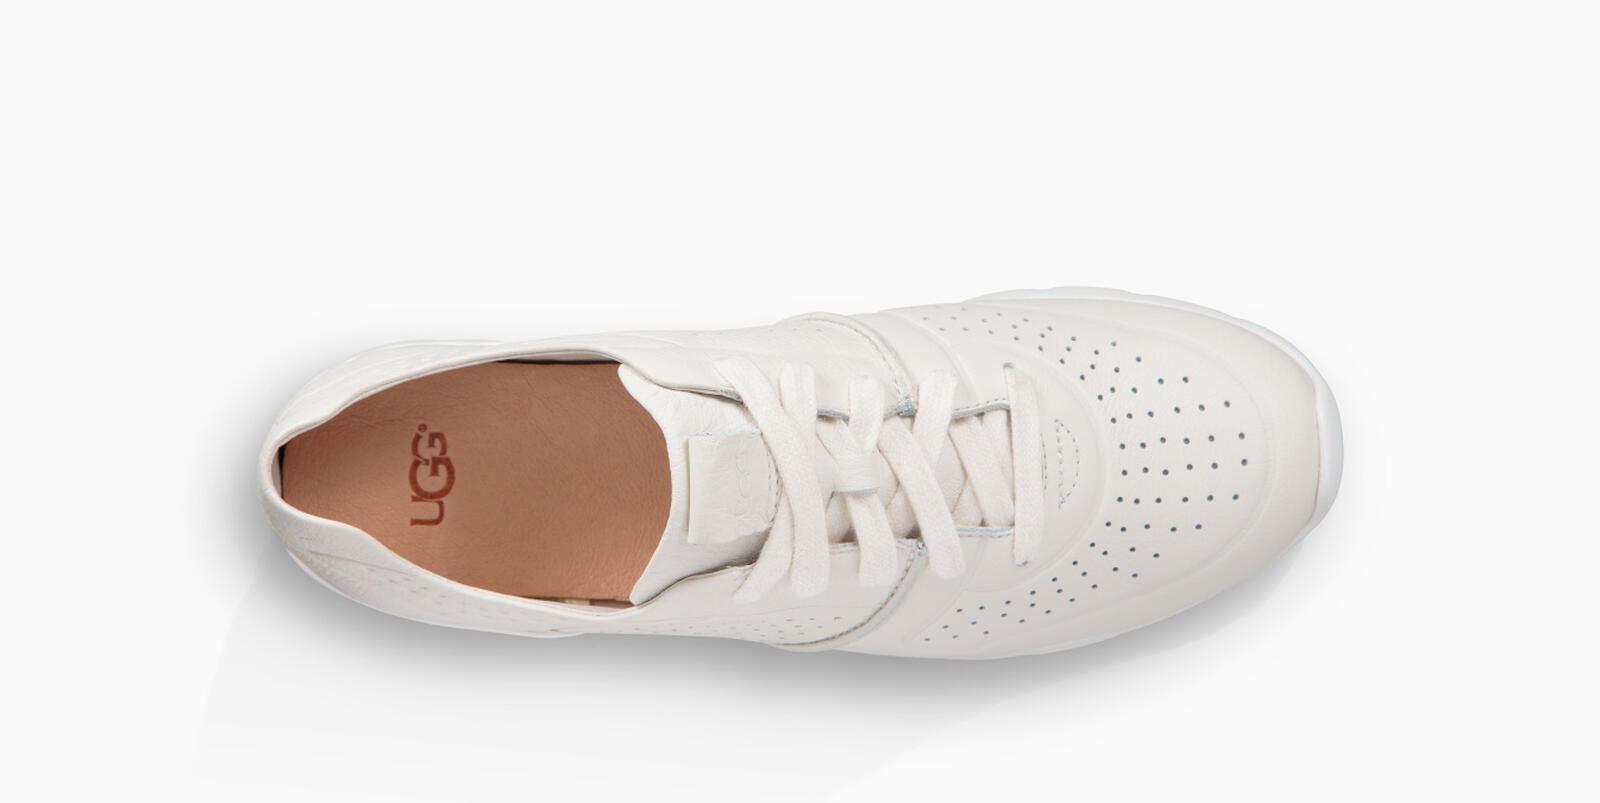 Tye Sneaker